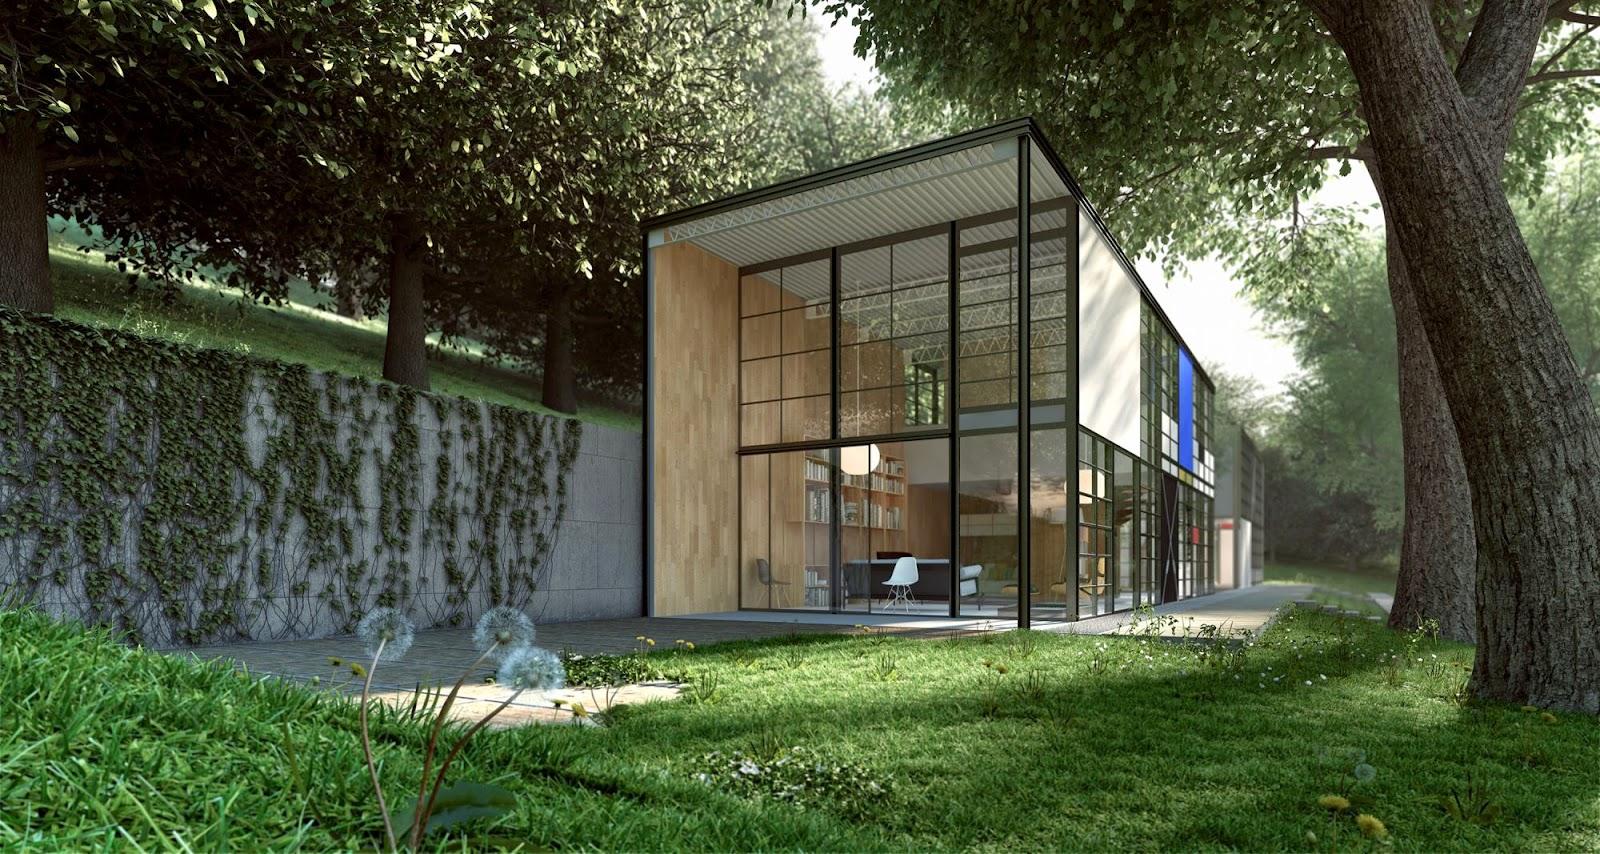 Building Plans For Small Cabins Casa Eames Eames House Arquitectura Asombrosa